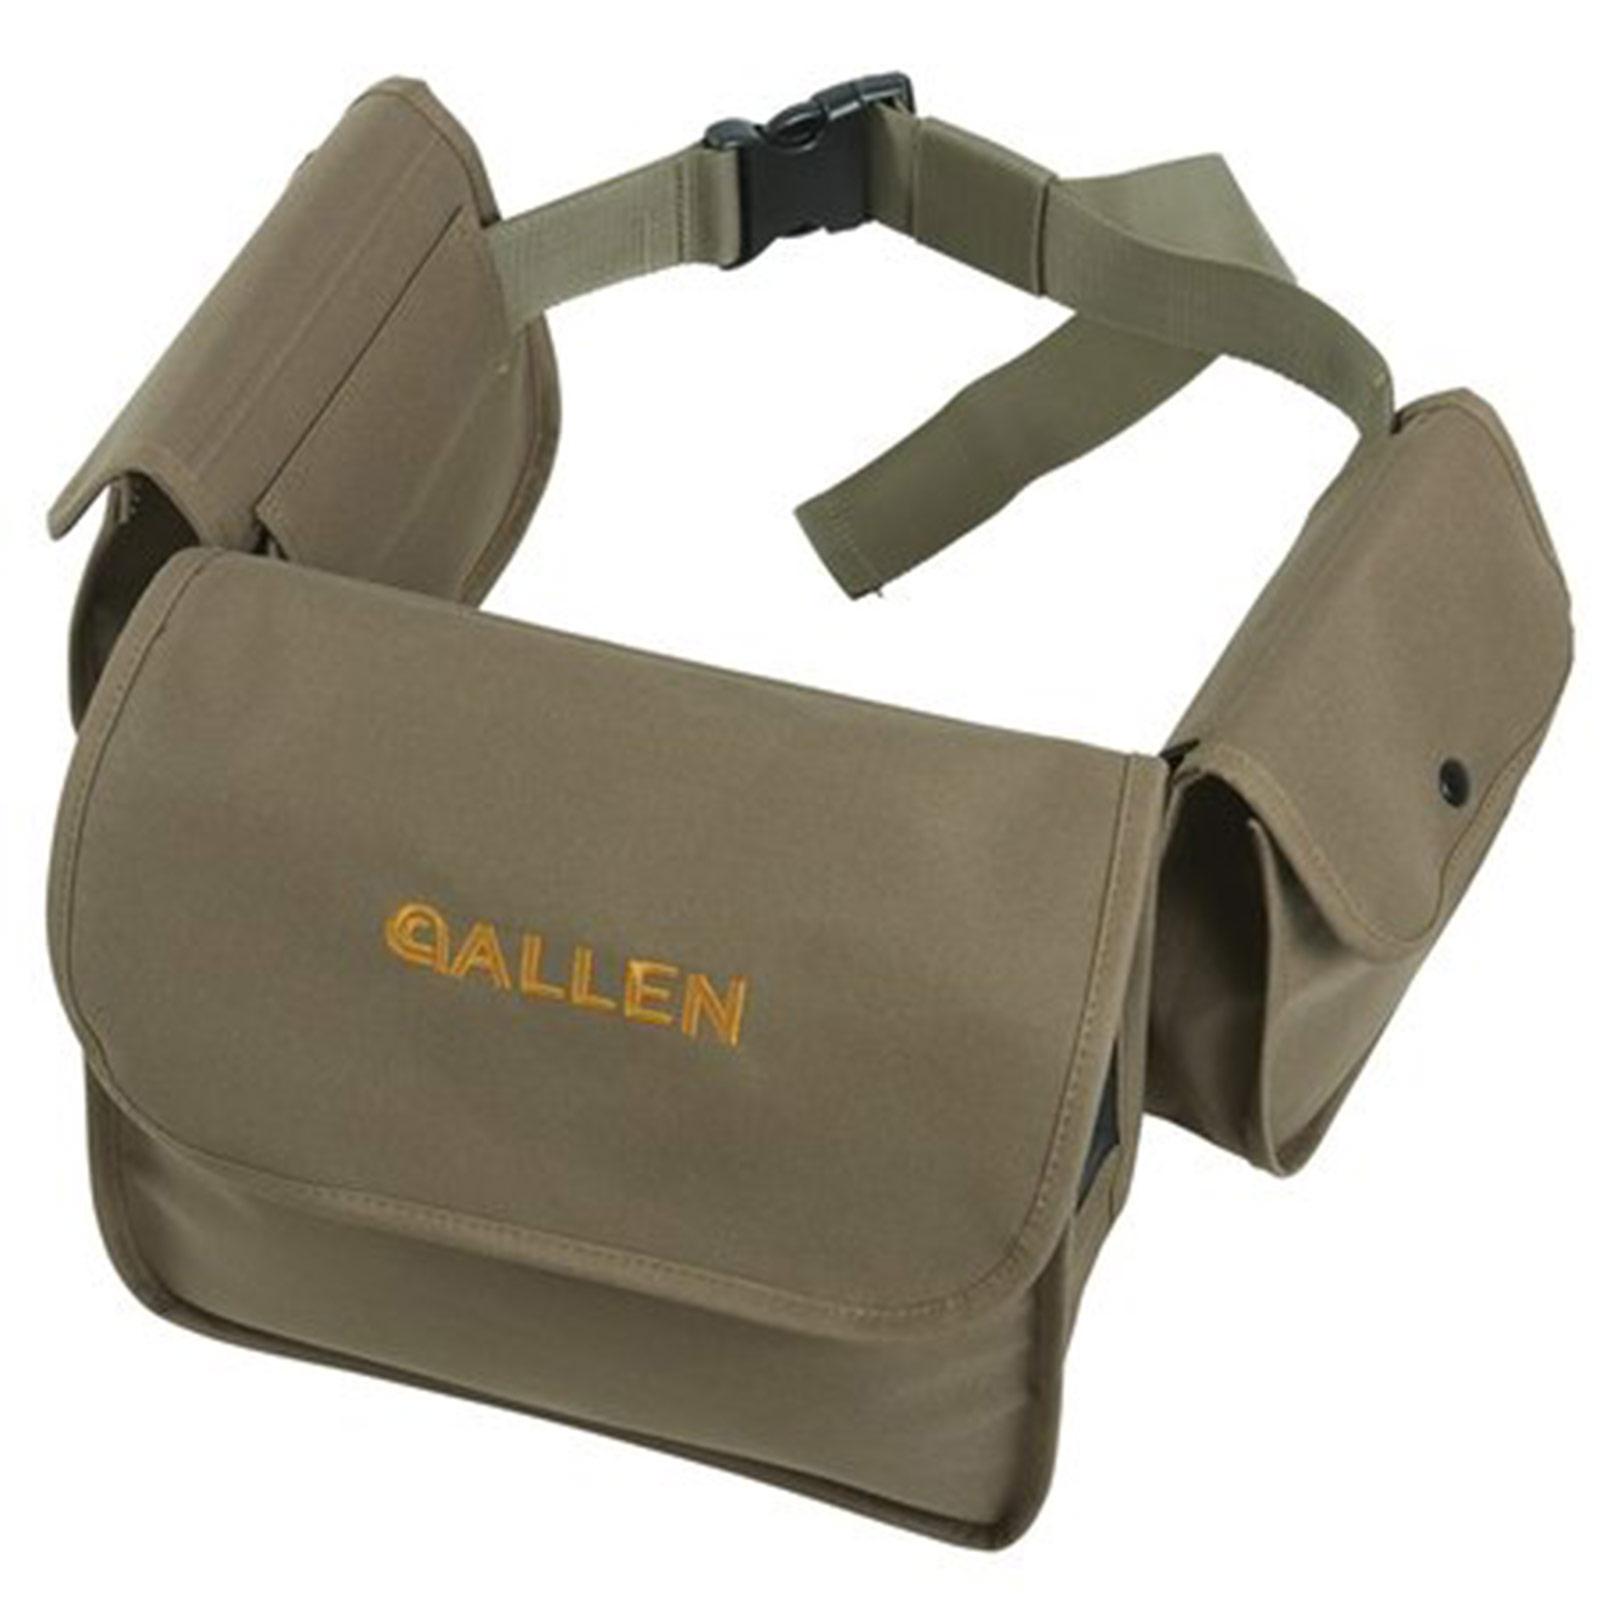 Allen Upland Game Bag Tan, 2106